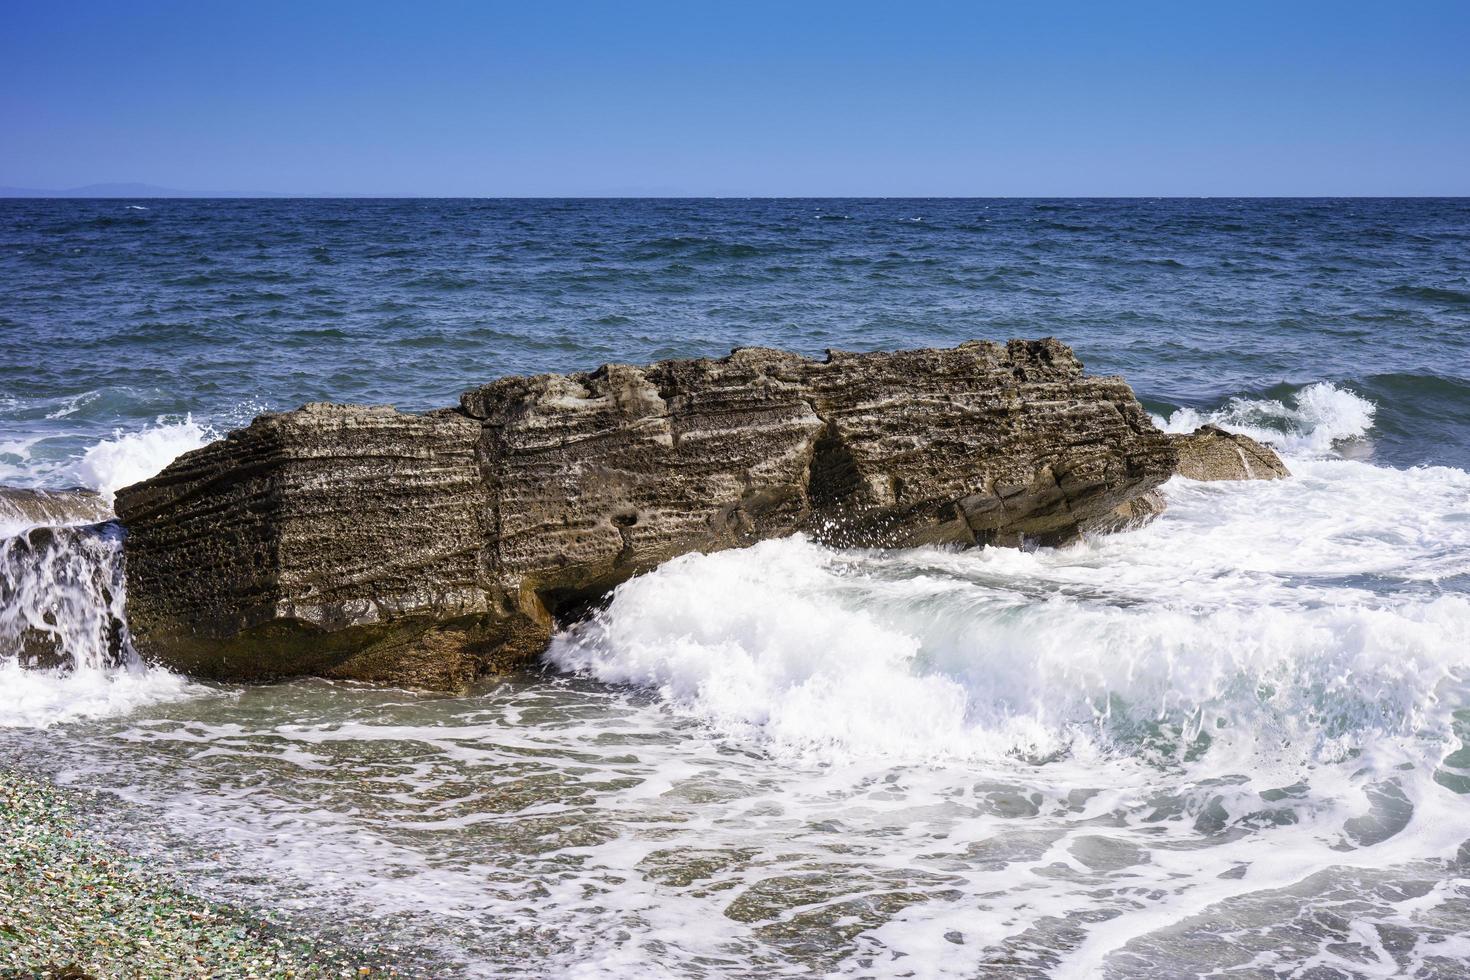 paysage marin avec un rocher dans les vagues. photo